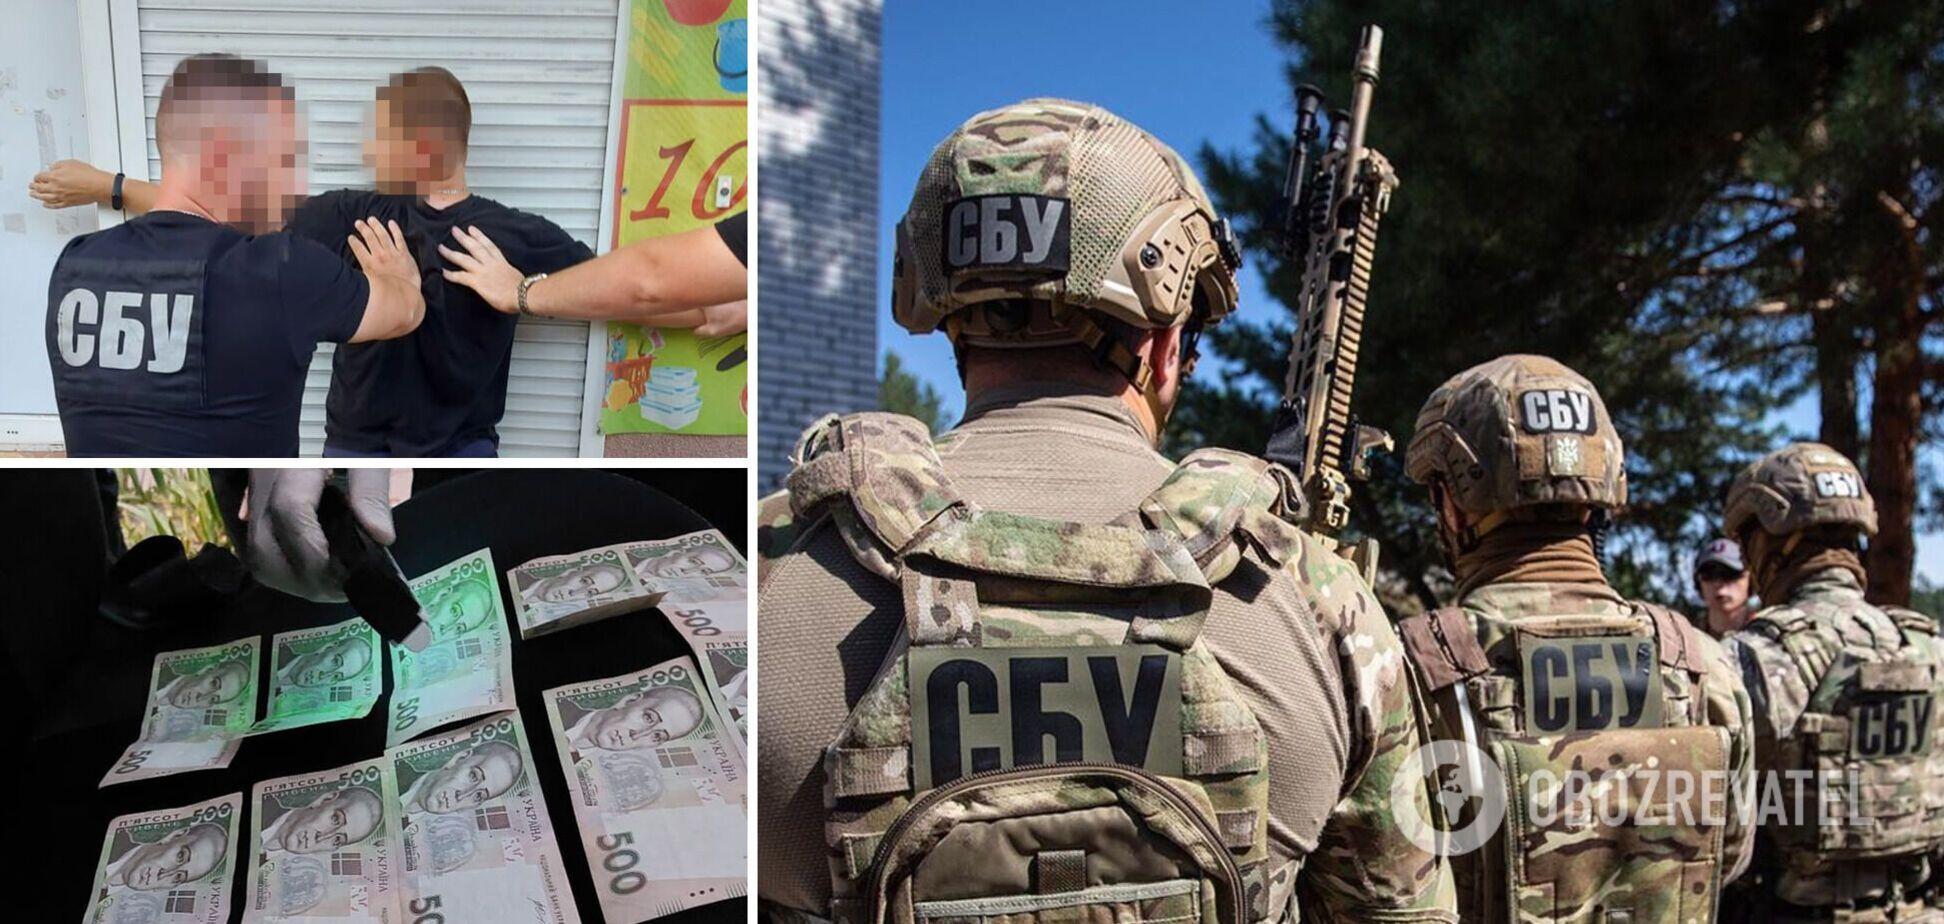 СБУ разоблачила чиновника, который требовал 'откаты' за премии военным в зоне ООС. Фото